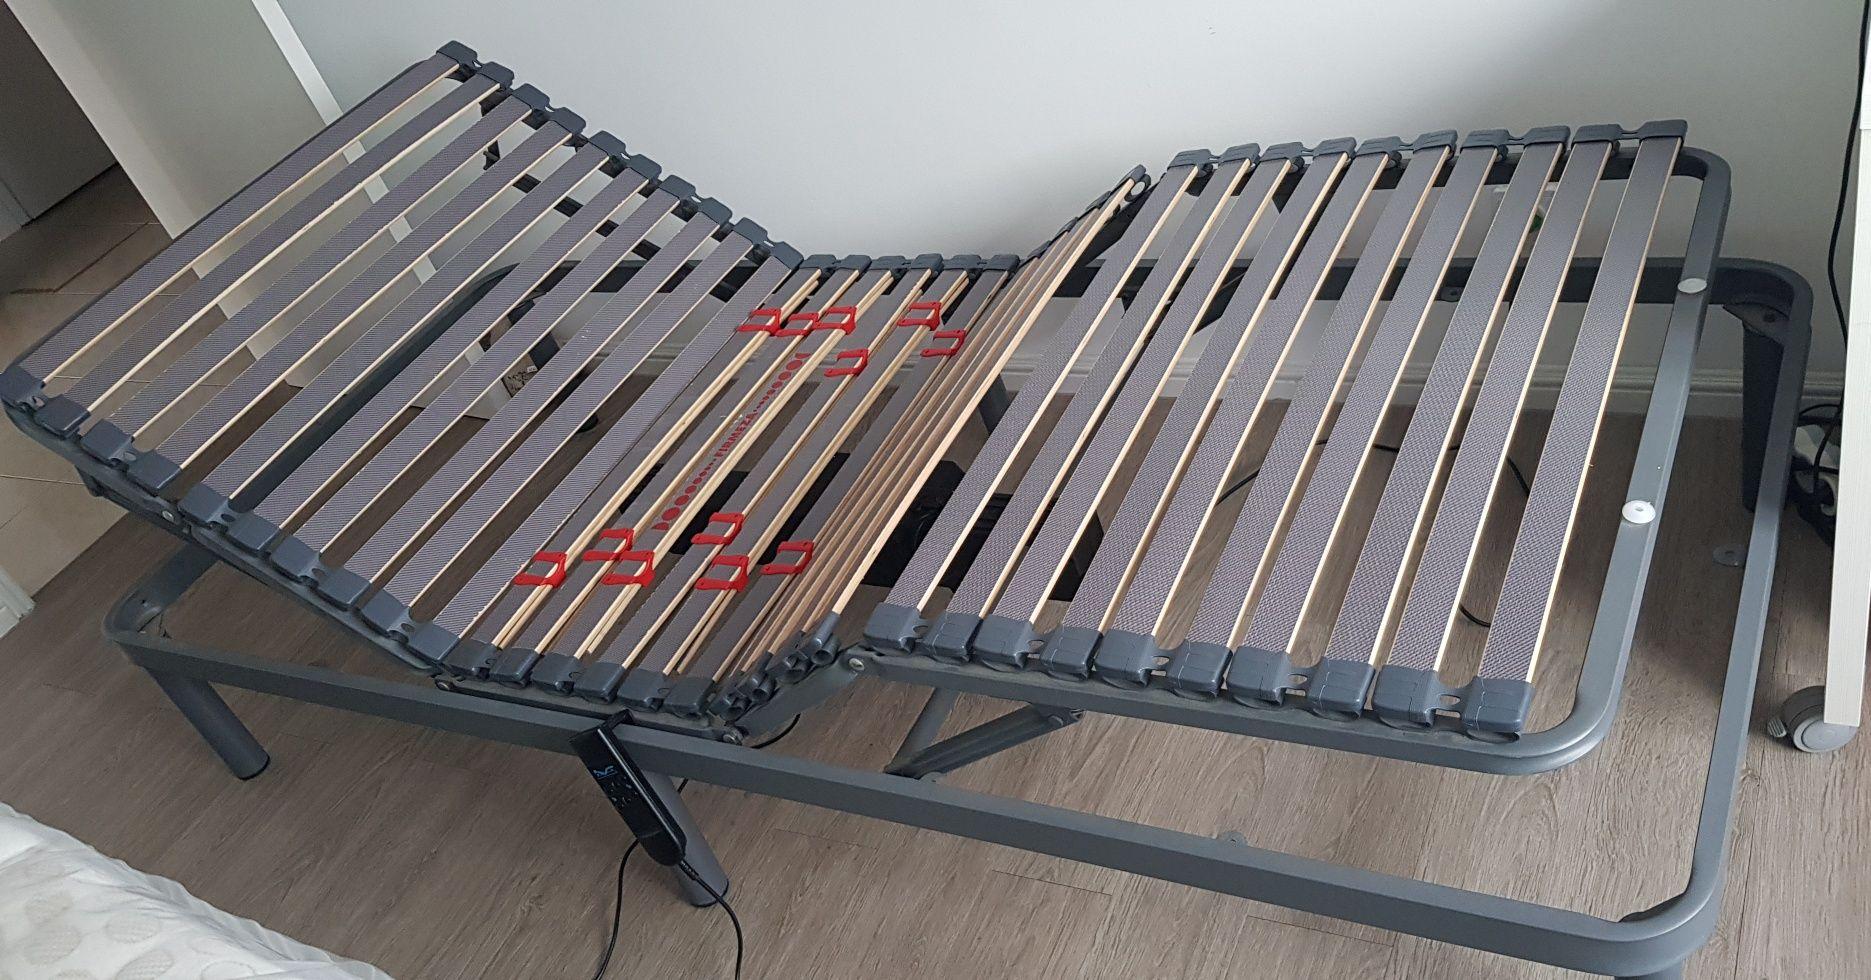 Cama Articulada Elétrica  + Colchão, novo, 200x90cm